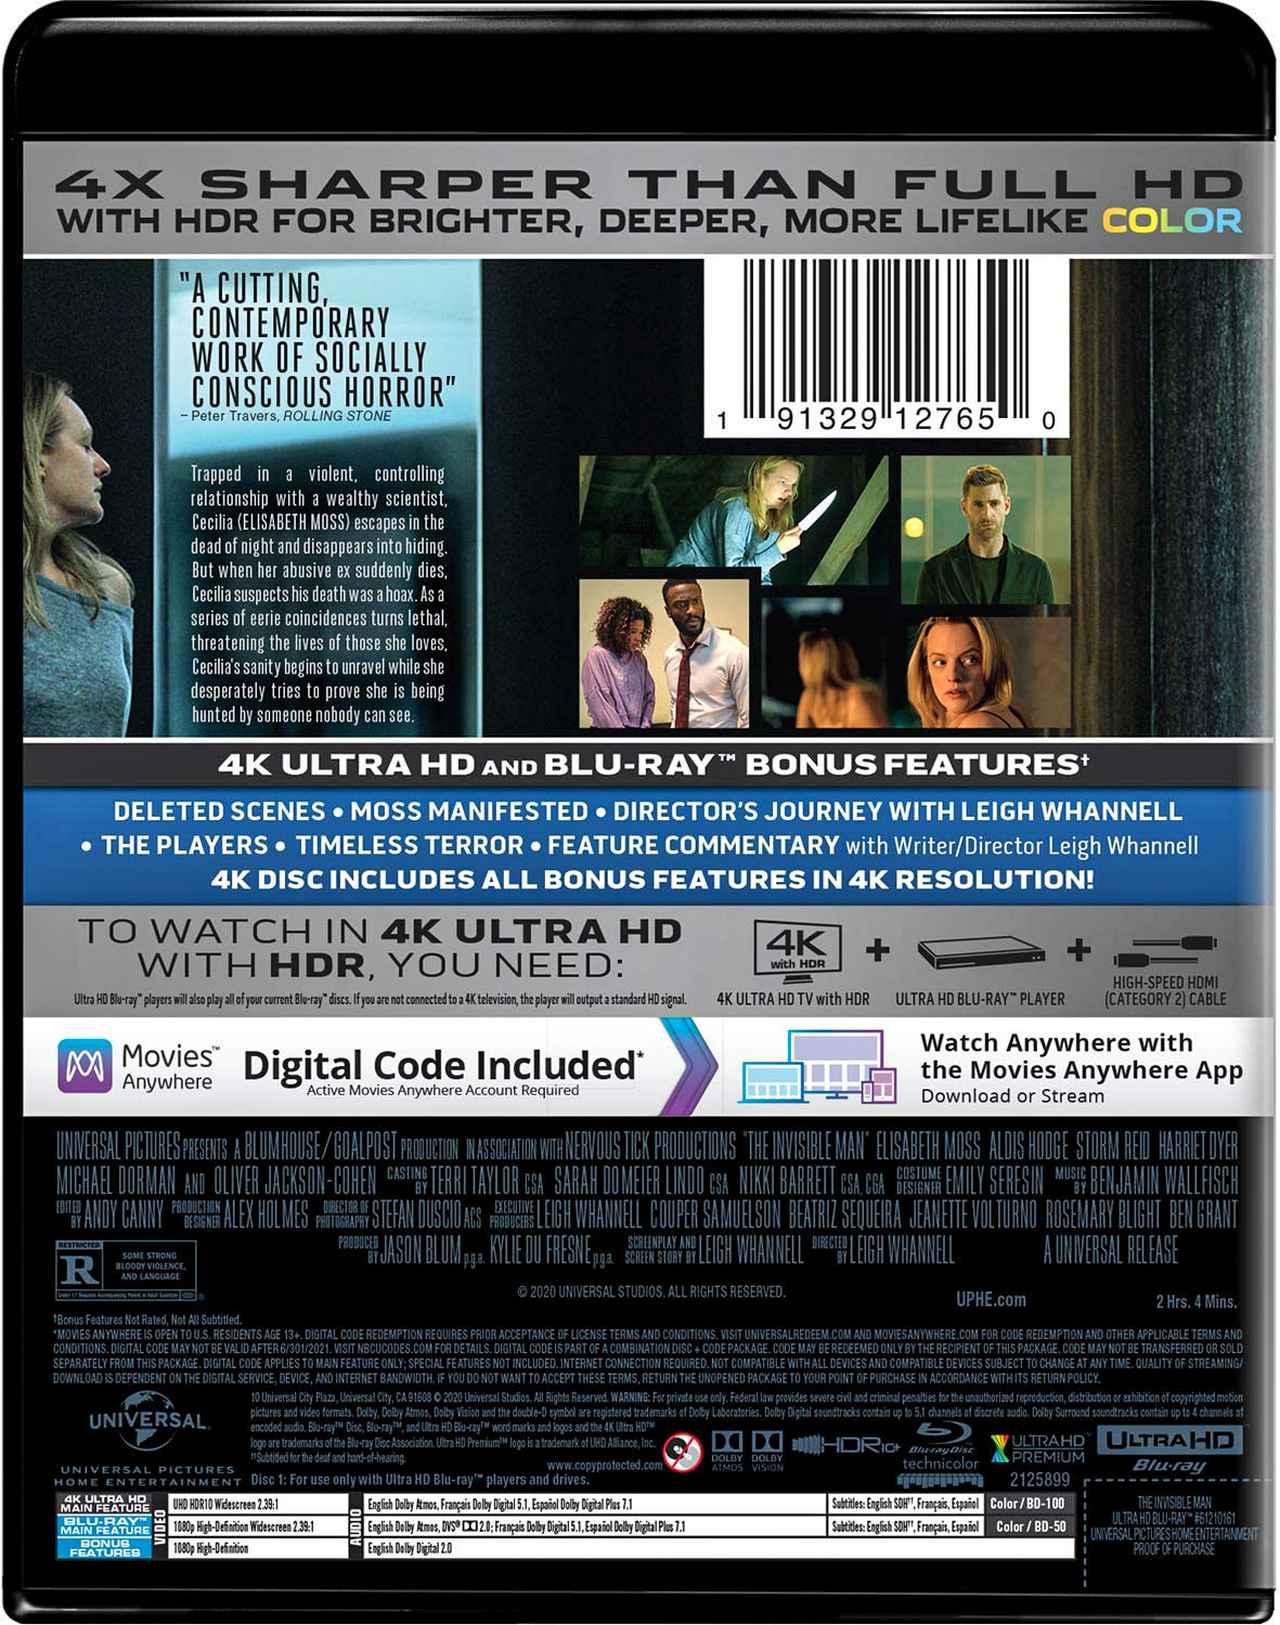 画像2: ユニバーサル・モンスター映画をリブート『透明人間』【海外盤Blu-ray発売情報】